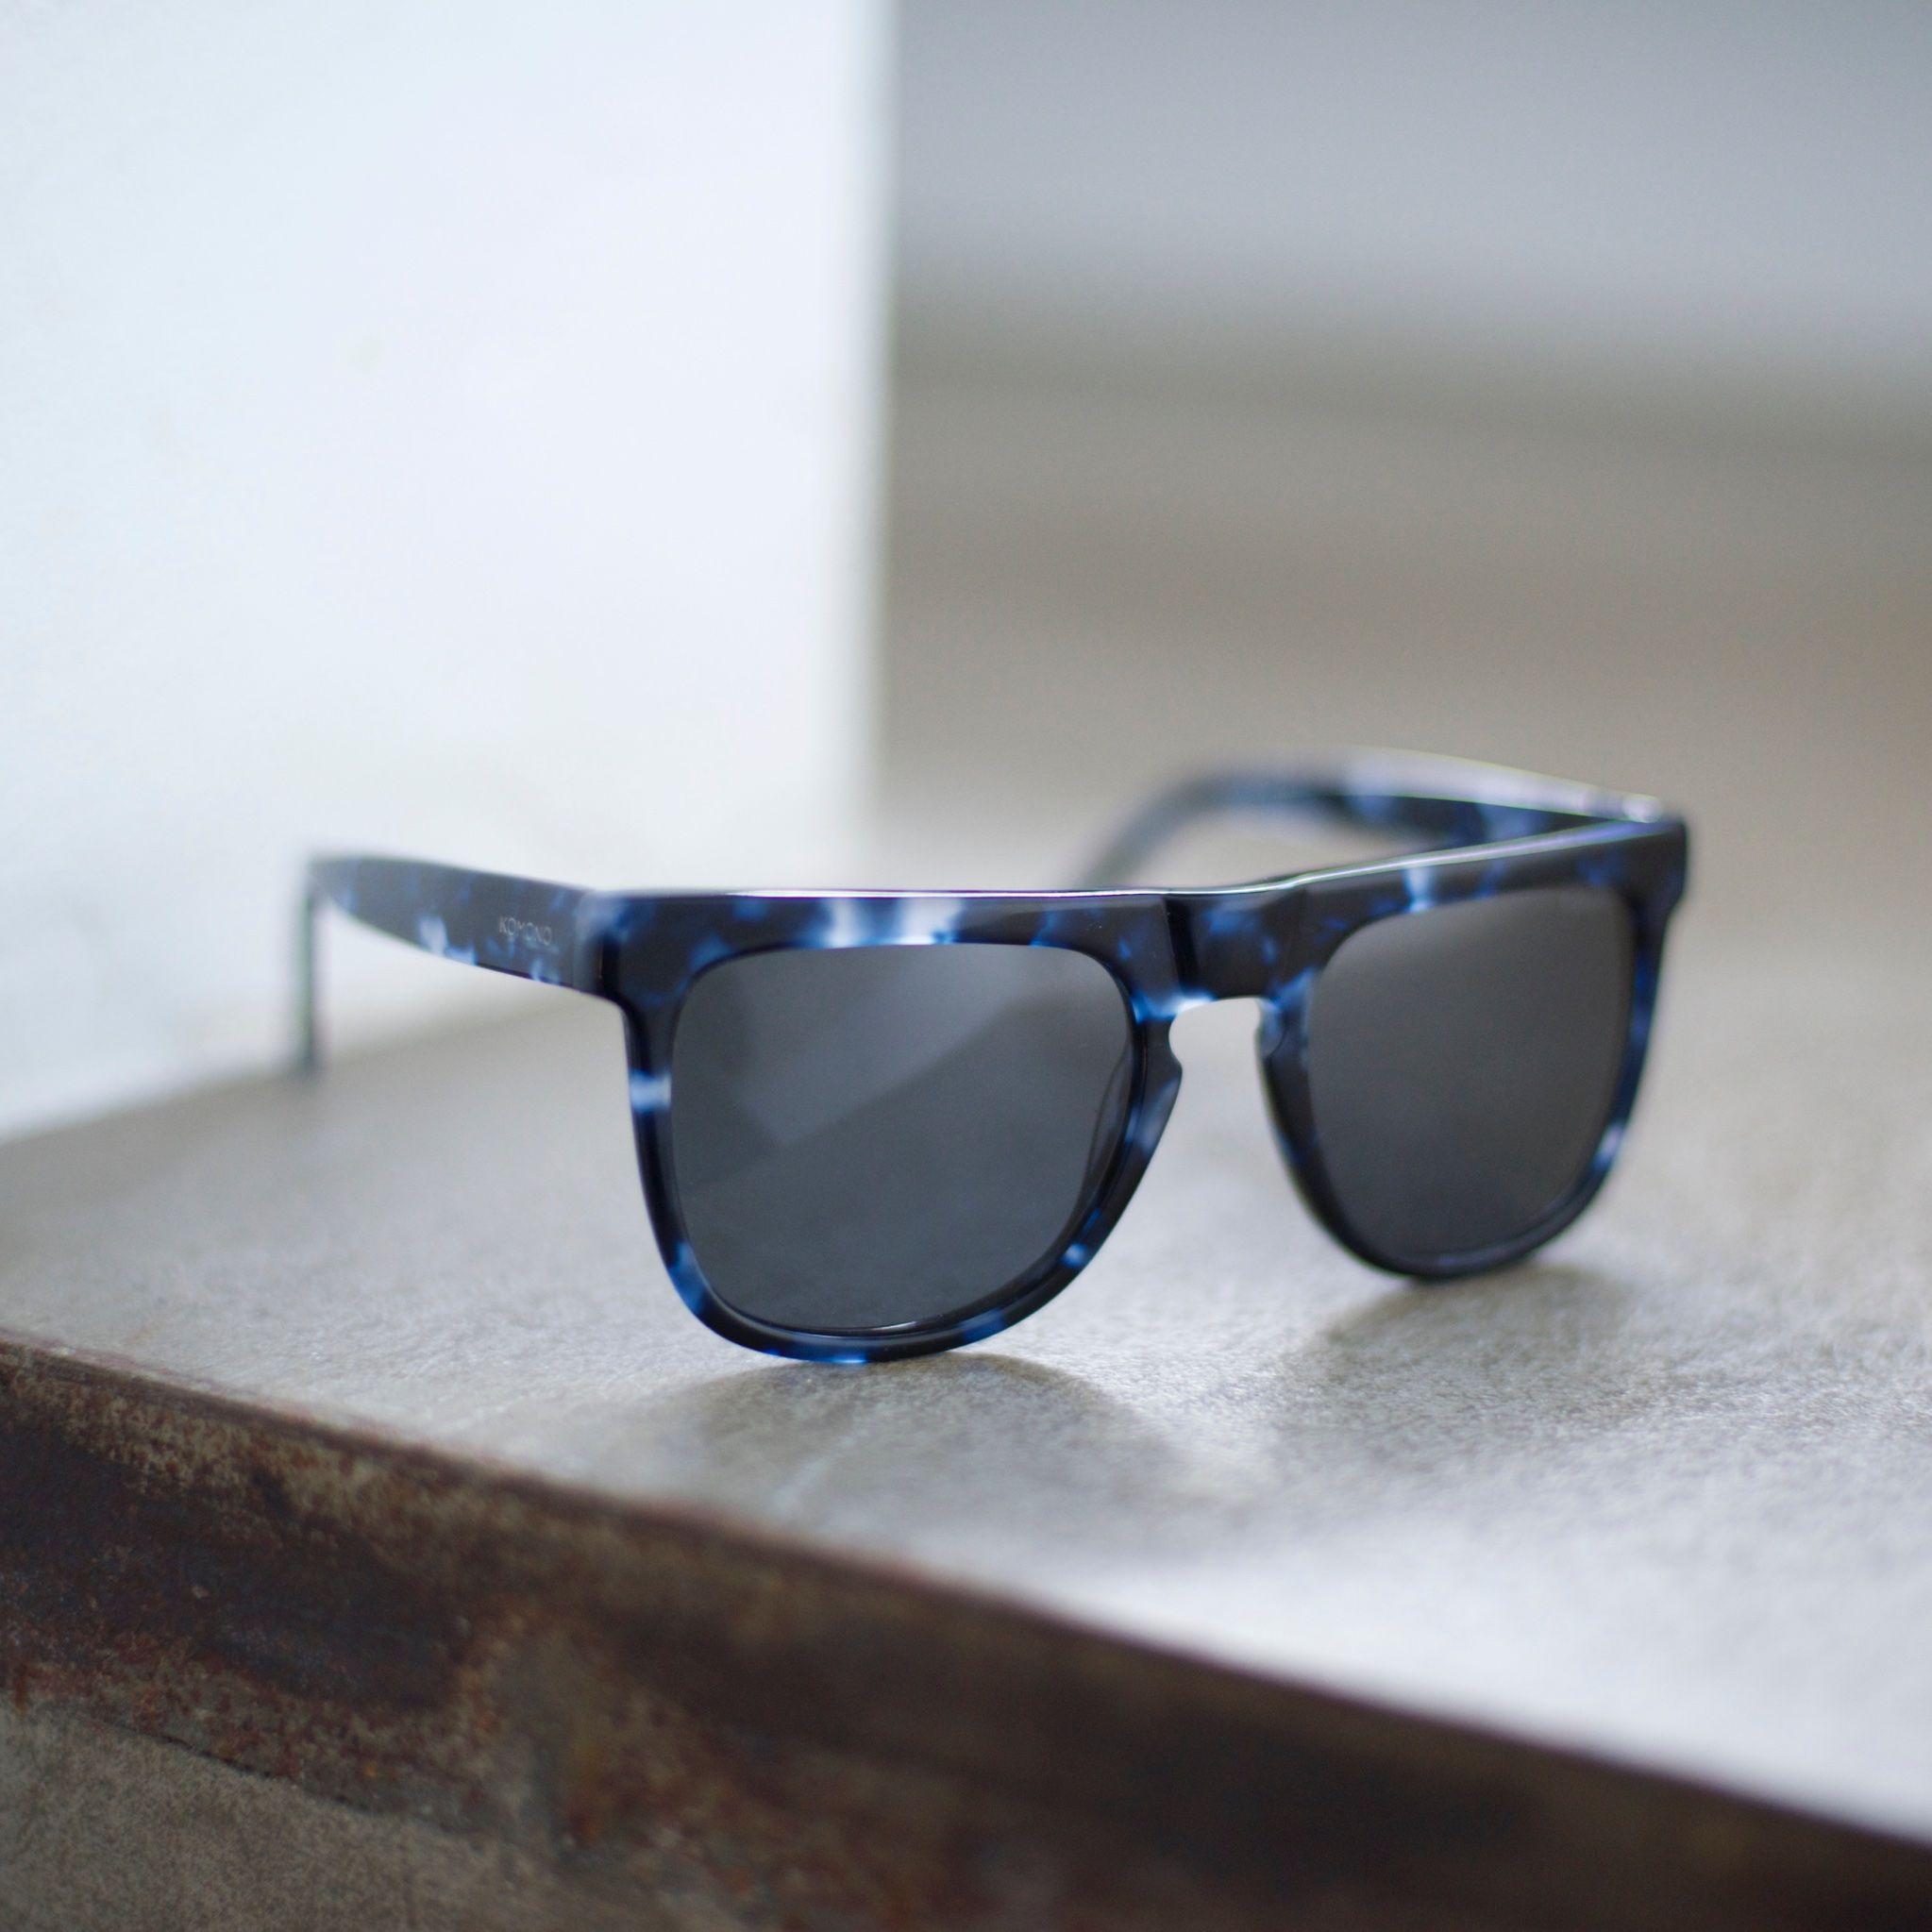 f636e7694aee Indigo blue sunglasses from Komono